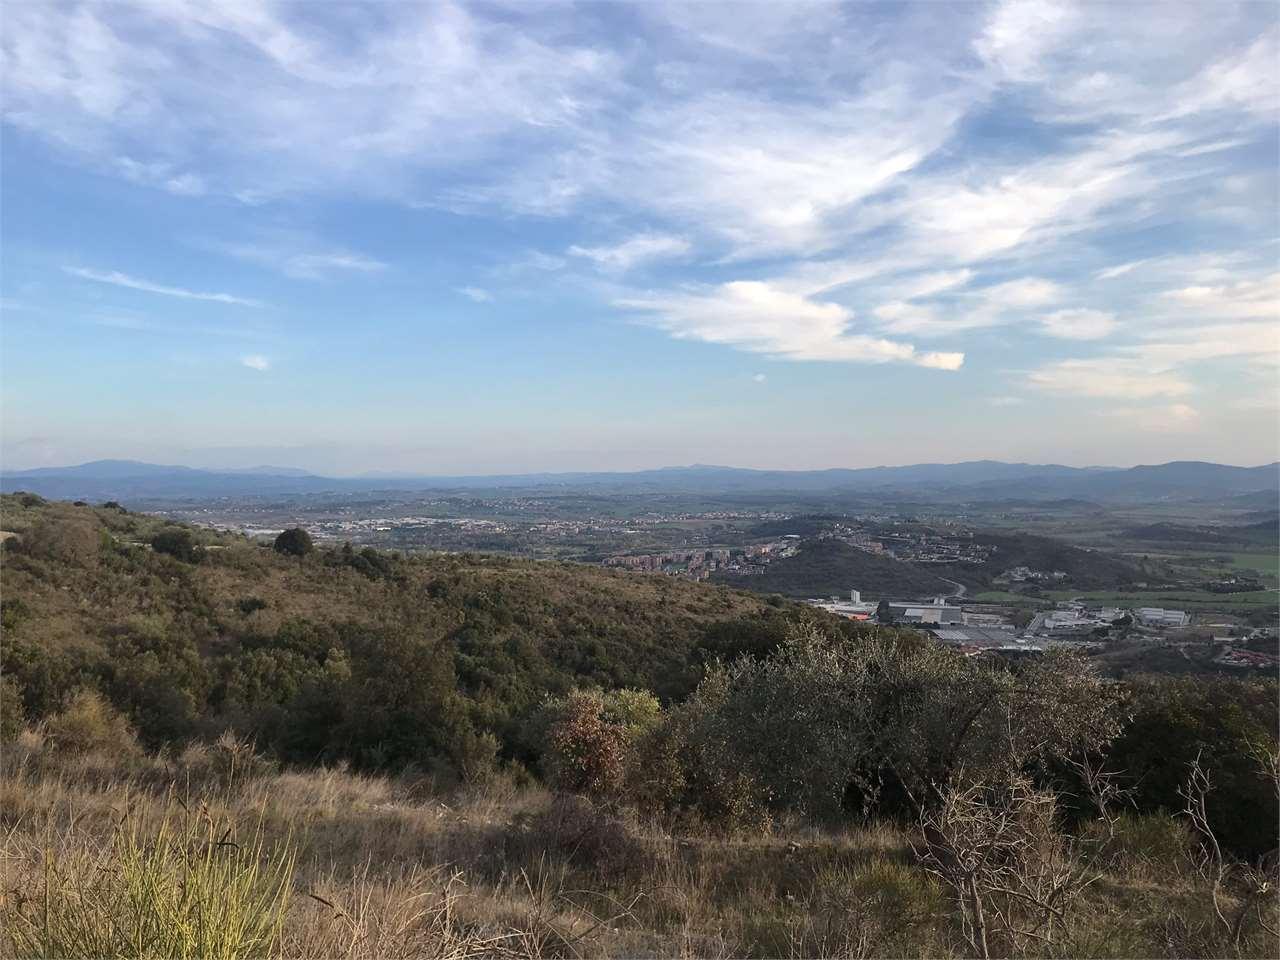 Terreno in ottima posizione panoramica